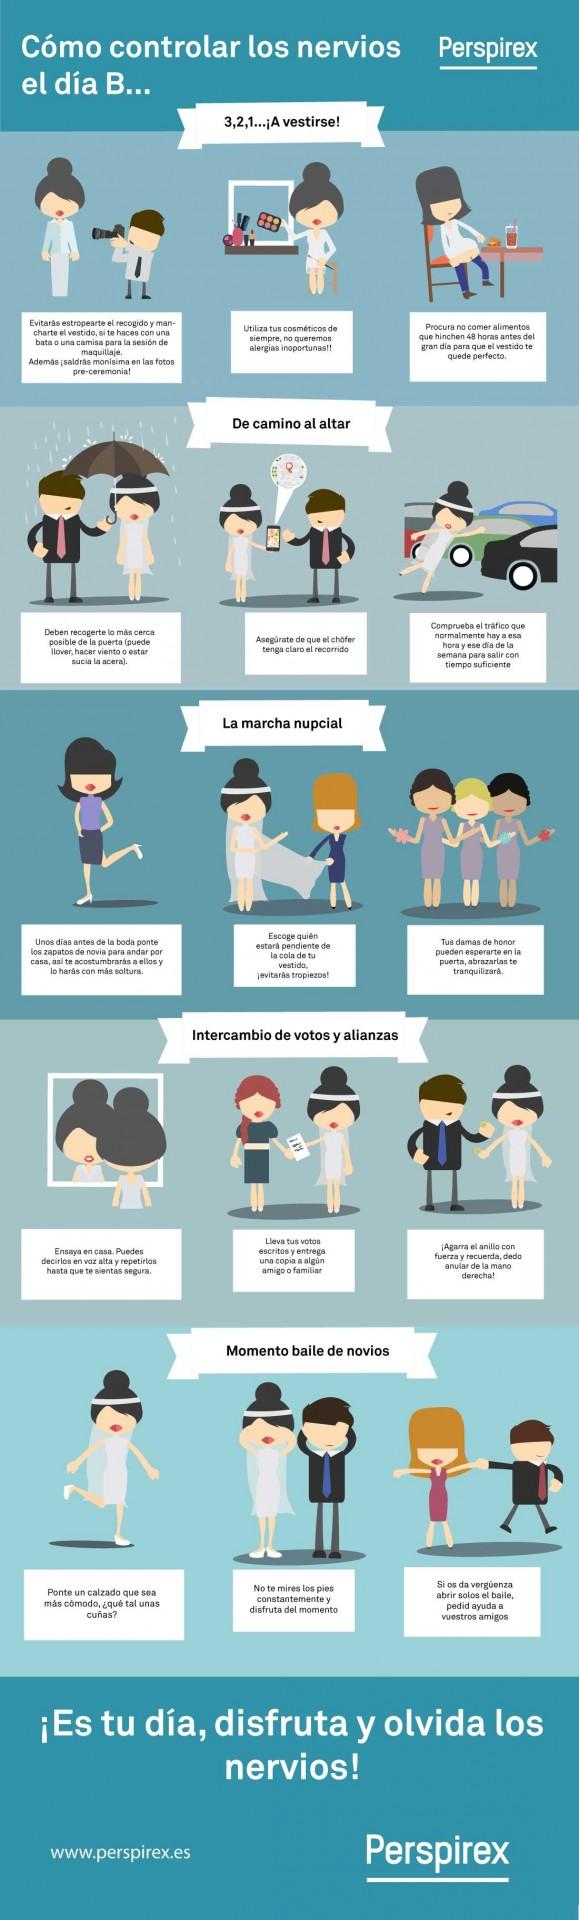 tips controlar nervios boda